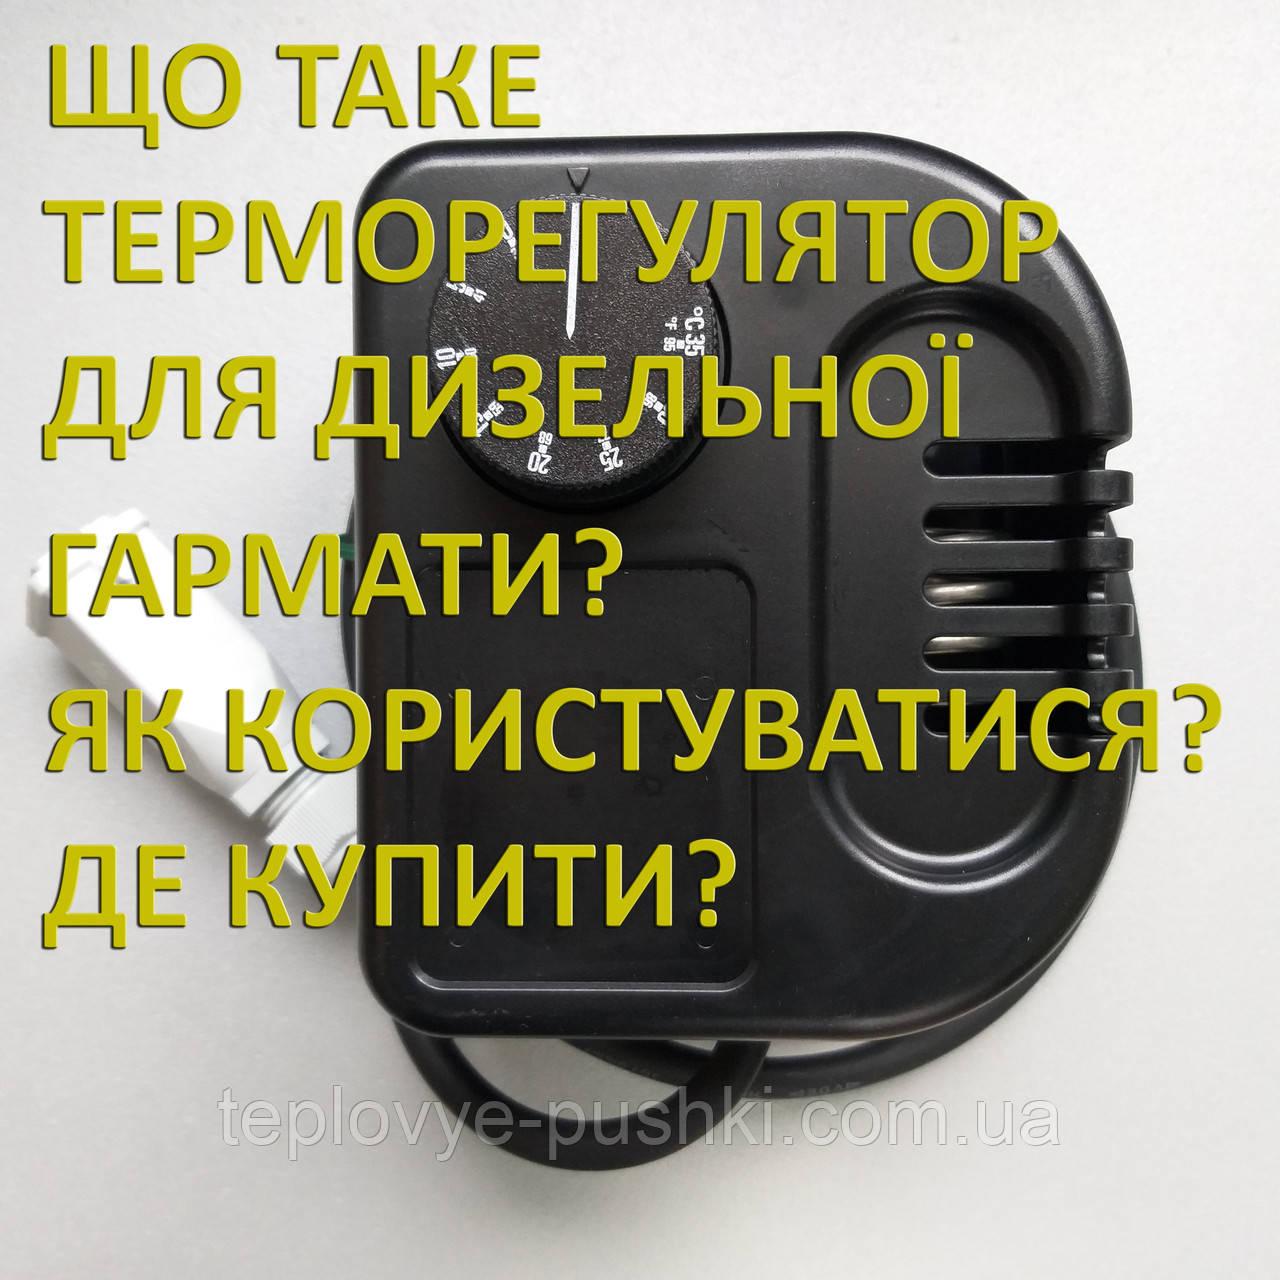 Термостат для тепловой пушки - что это? Где купить?